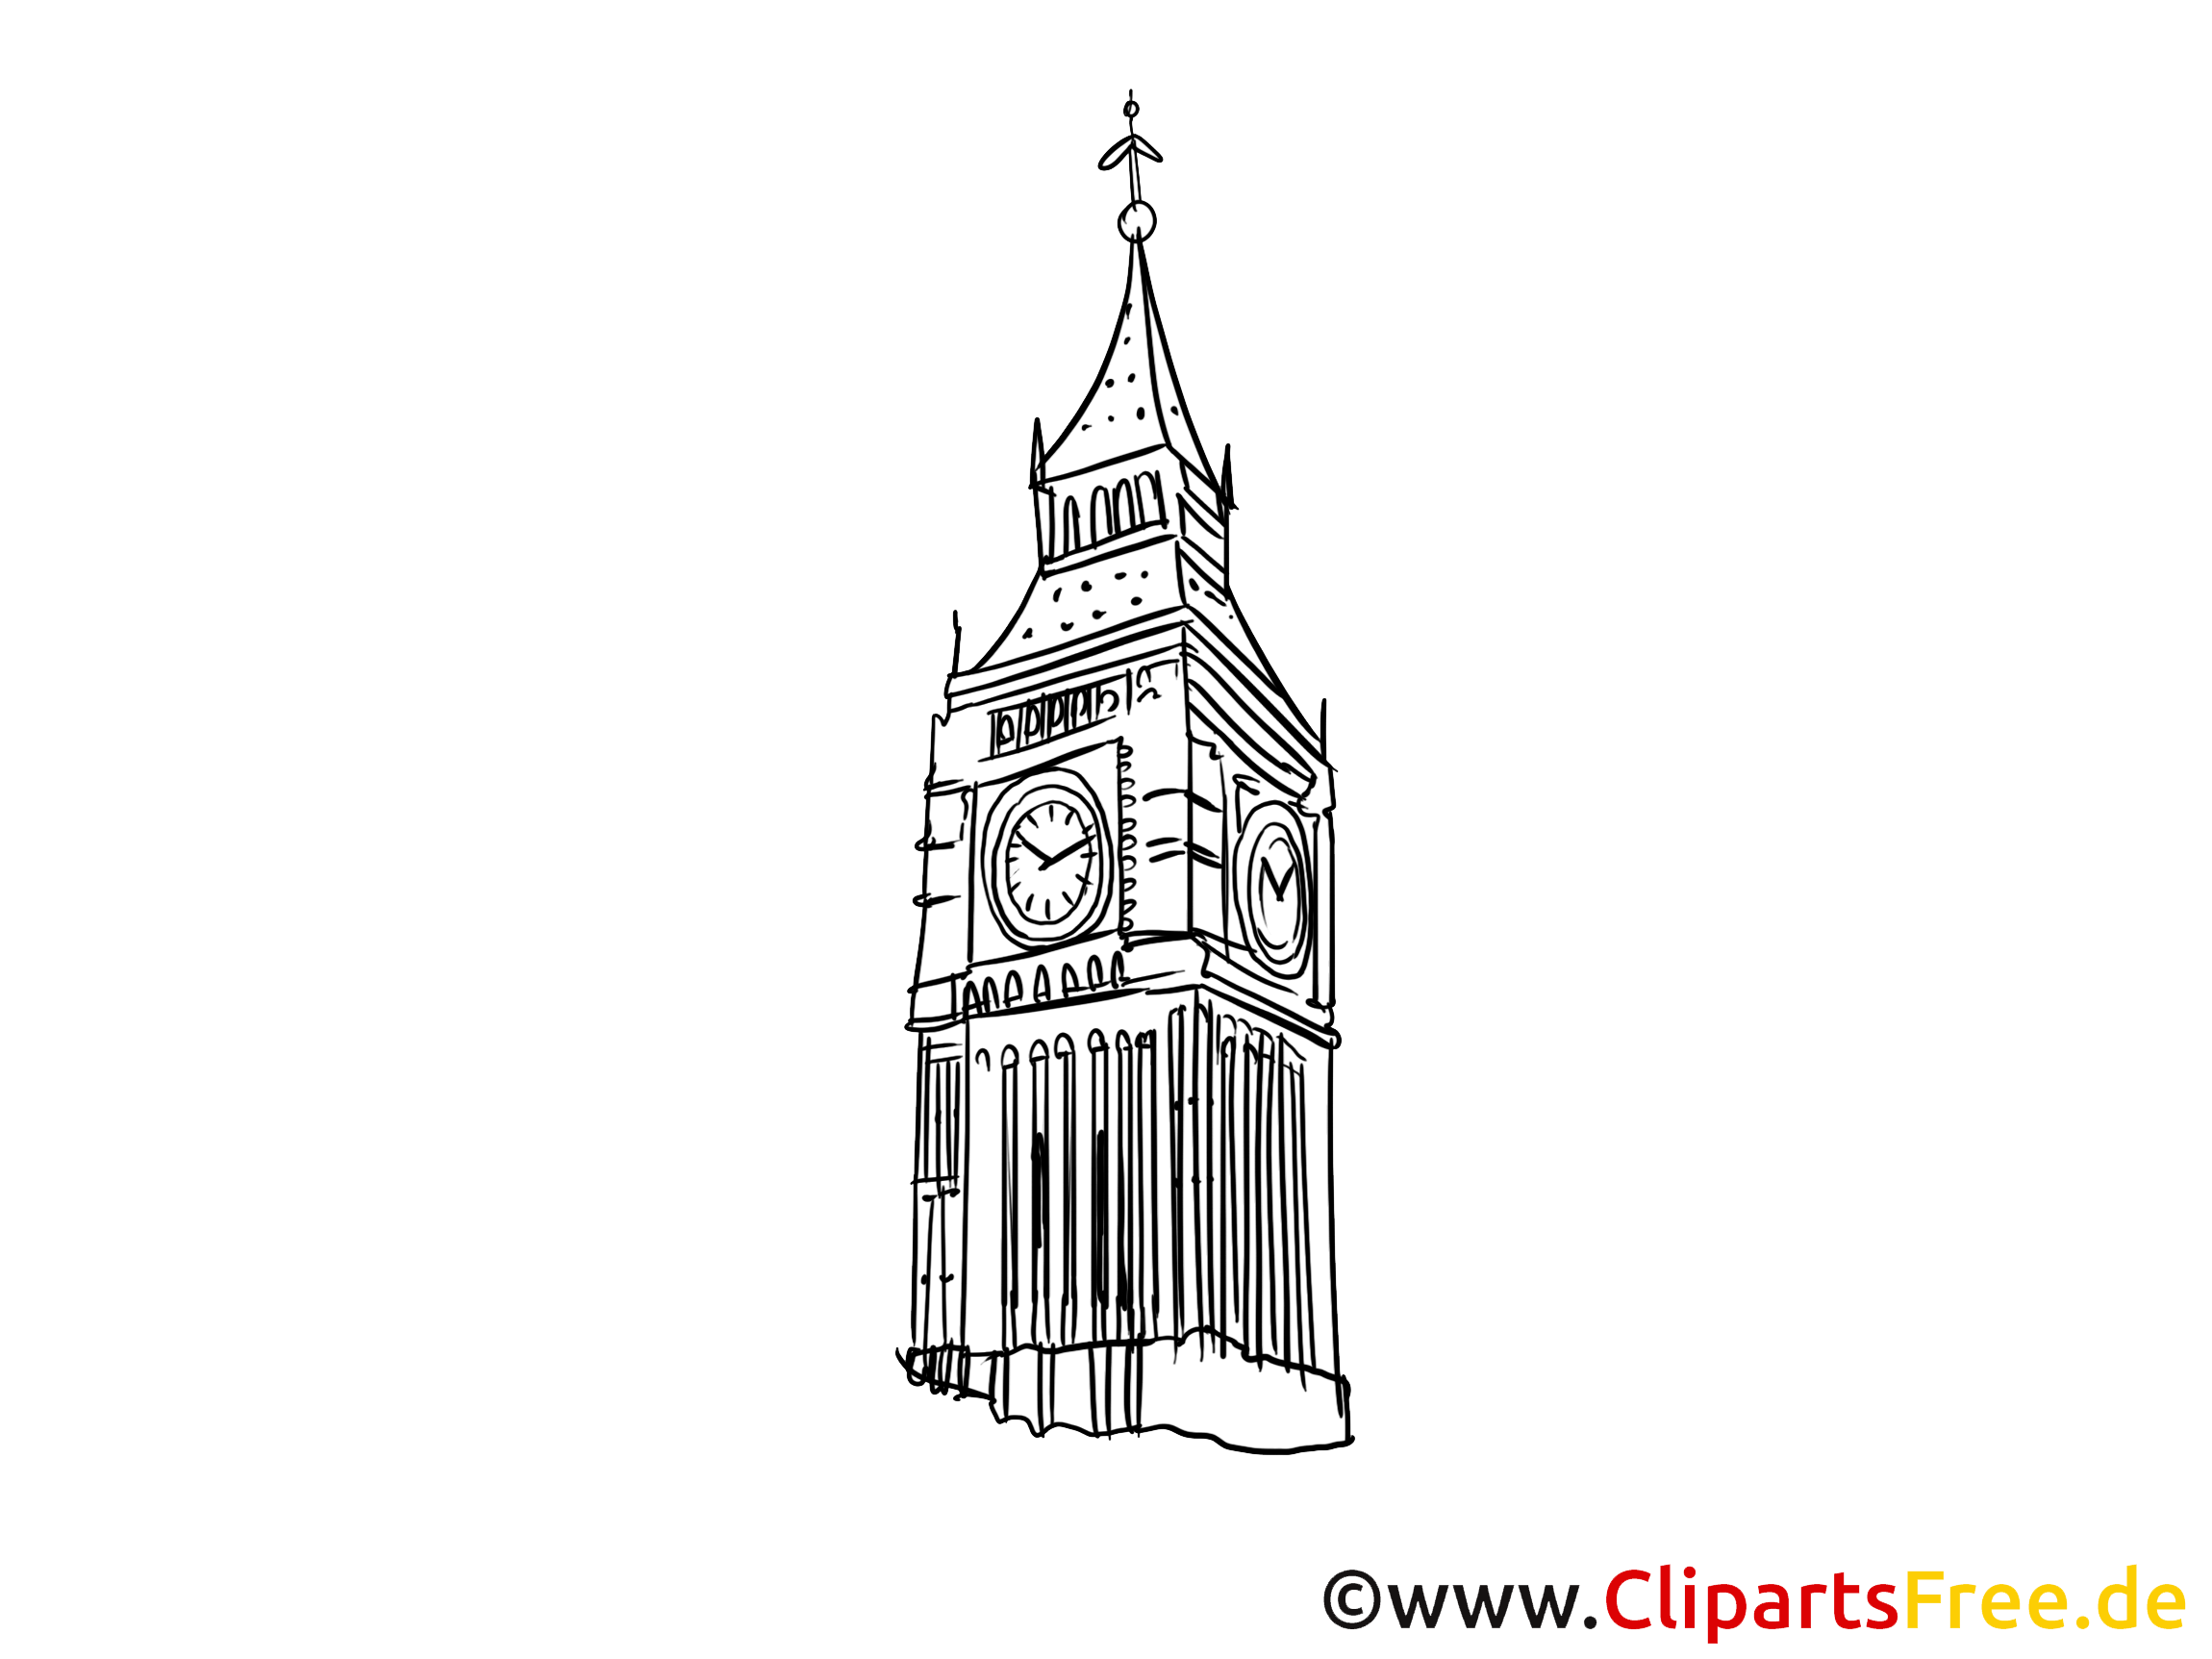 Londres coloriage - Big Ben image gratuite